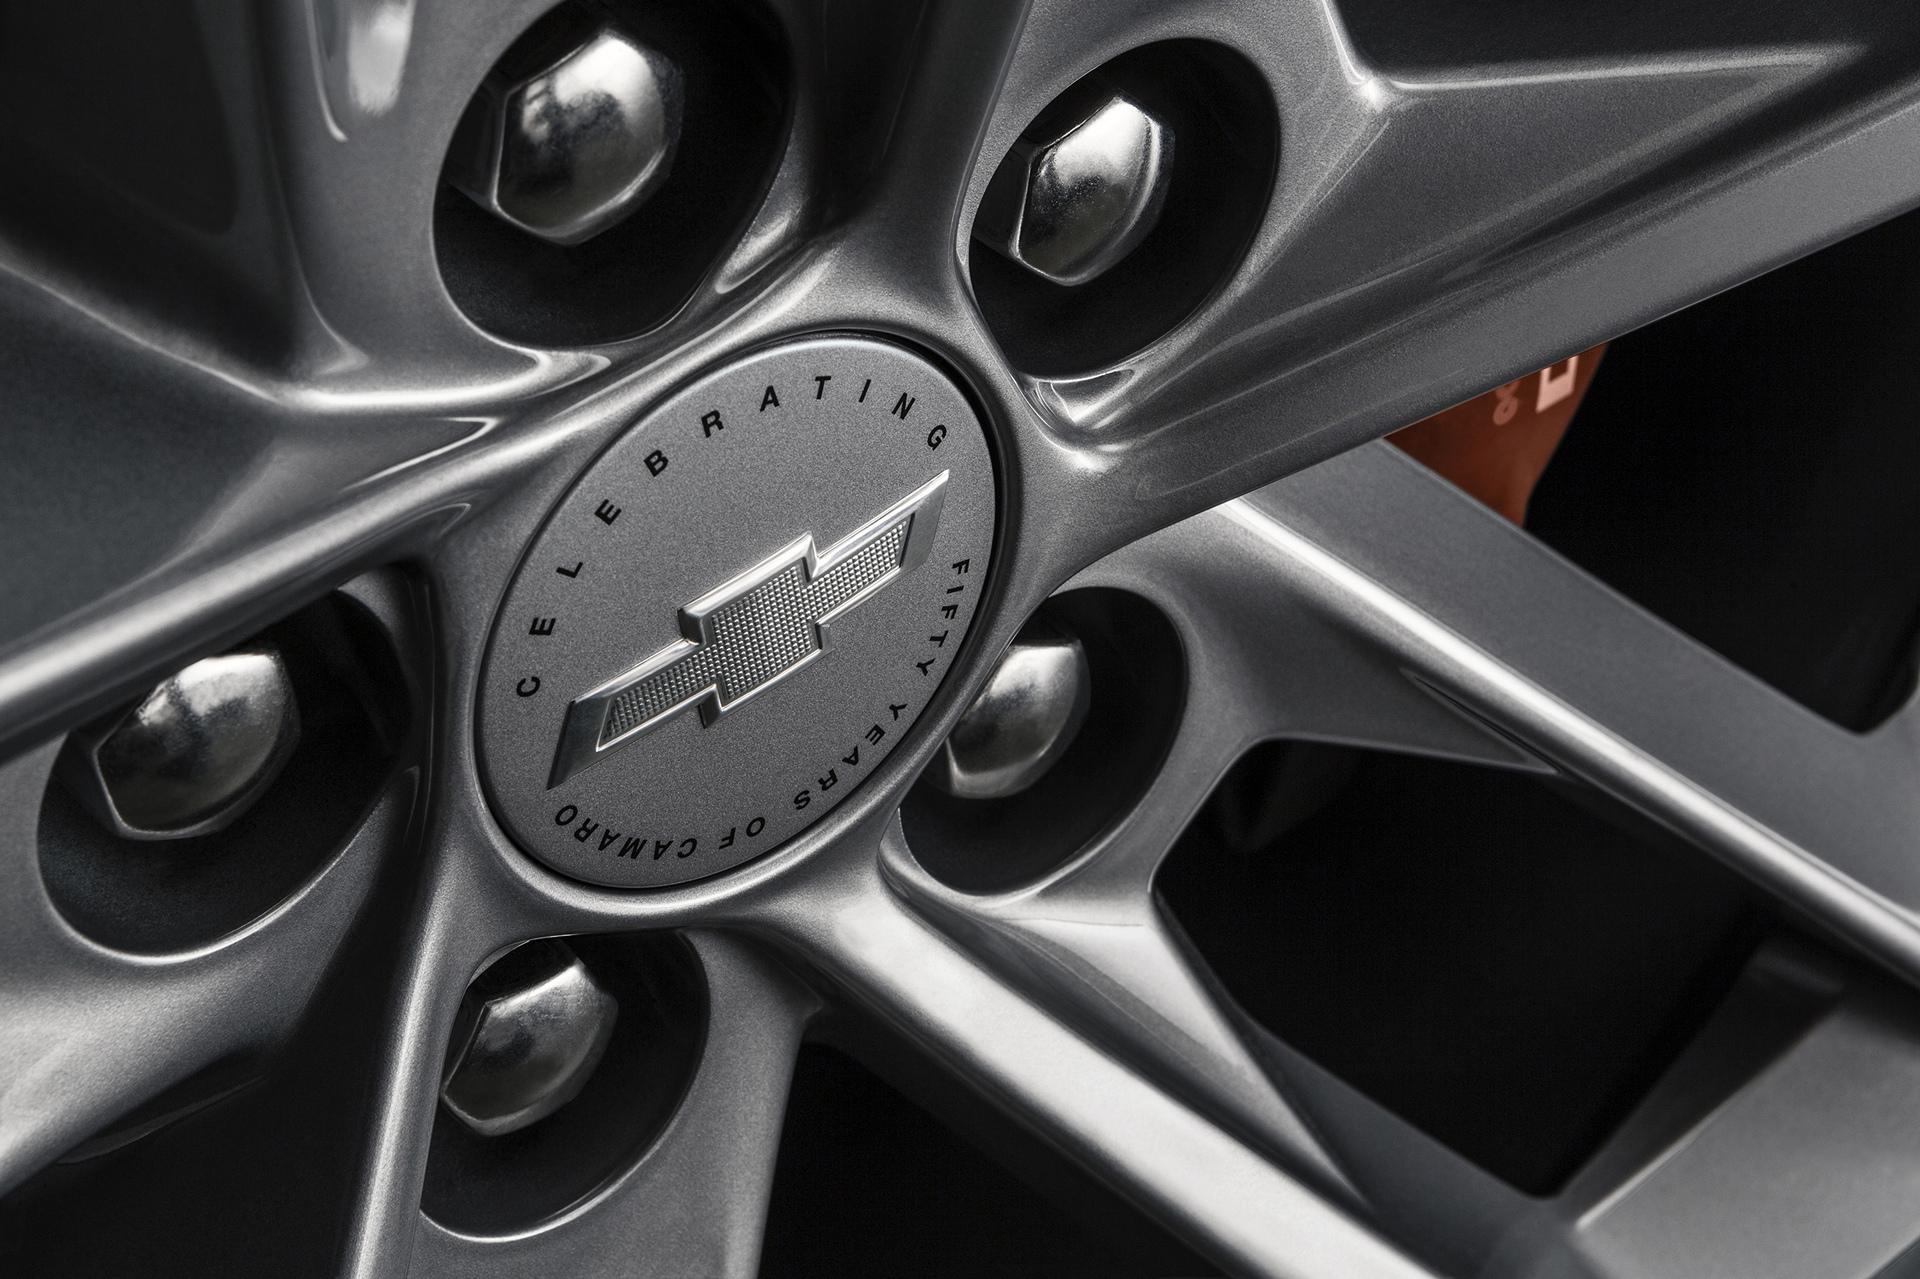 2017 Camaro 50th Anniversary Special Edition © General Motors